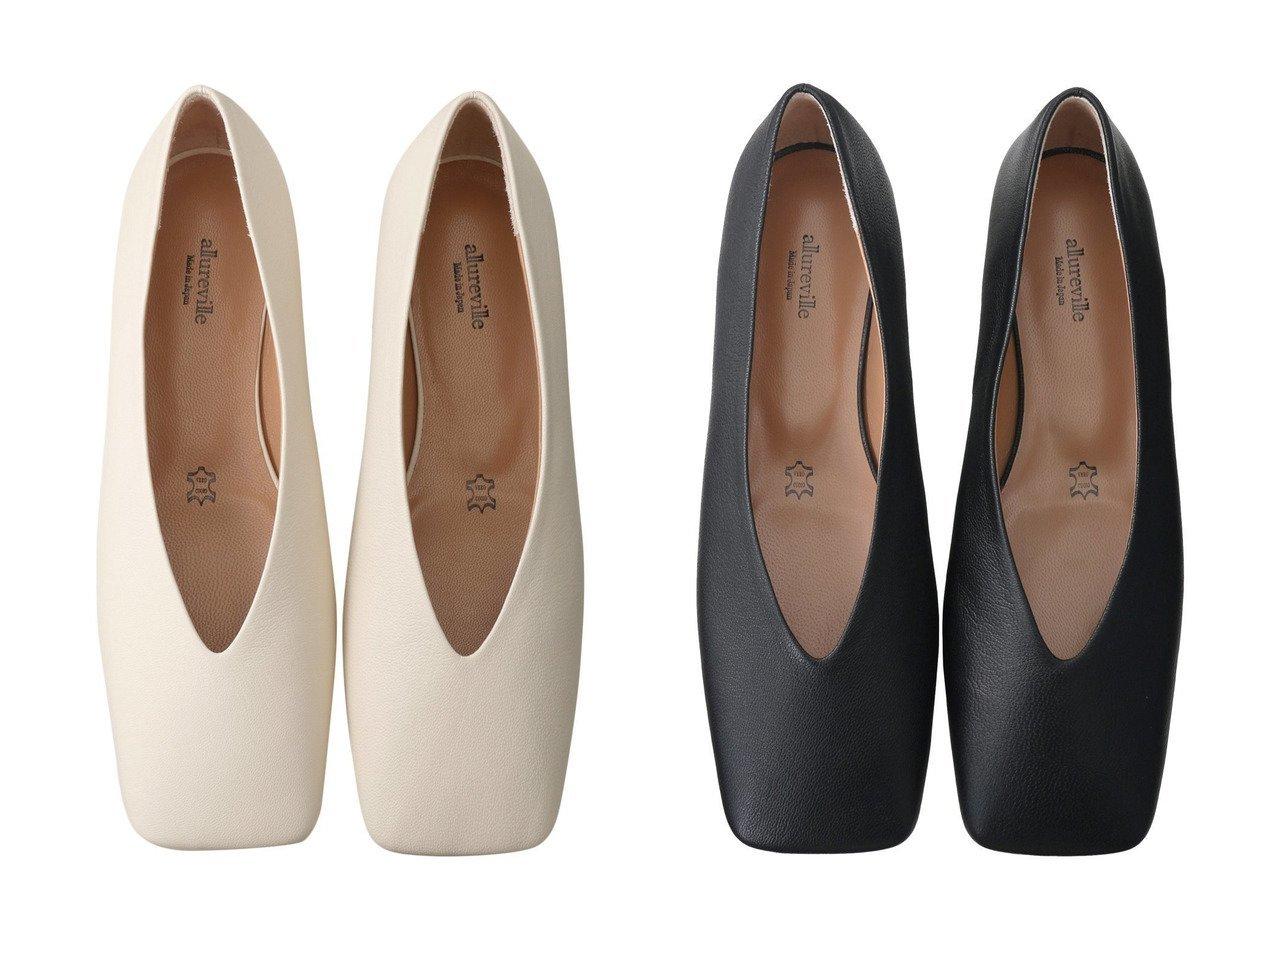 【allureville/アルアバイル】のスクエアフラットシューズ 【シューズ・靴】おすすめ!人気、トレンド・レディースファッションの通販 おすすめで人気の流行・トレンド、ファッションの通販商品 インテリア・家具・メンズファッション・キッズファッション・レディースファッション・服の通販 founy(ファニー) https://founy.com/ ファッション Fashion レディースファッション WOMEN 2021年 2021 2021-2022秋冬・A/W AW・Autumn/Winter・FW・Fall-Winter・2021-2022 A/W・秋冬 AW・Autumn/Winter・FW・Fall-Winter シューズ フラット |ID:crp329100000055097